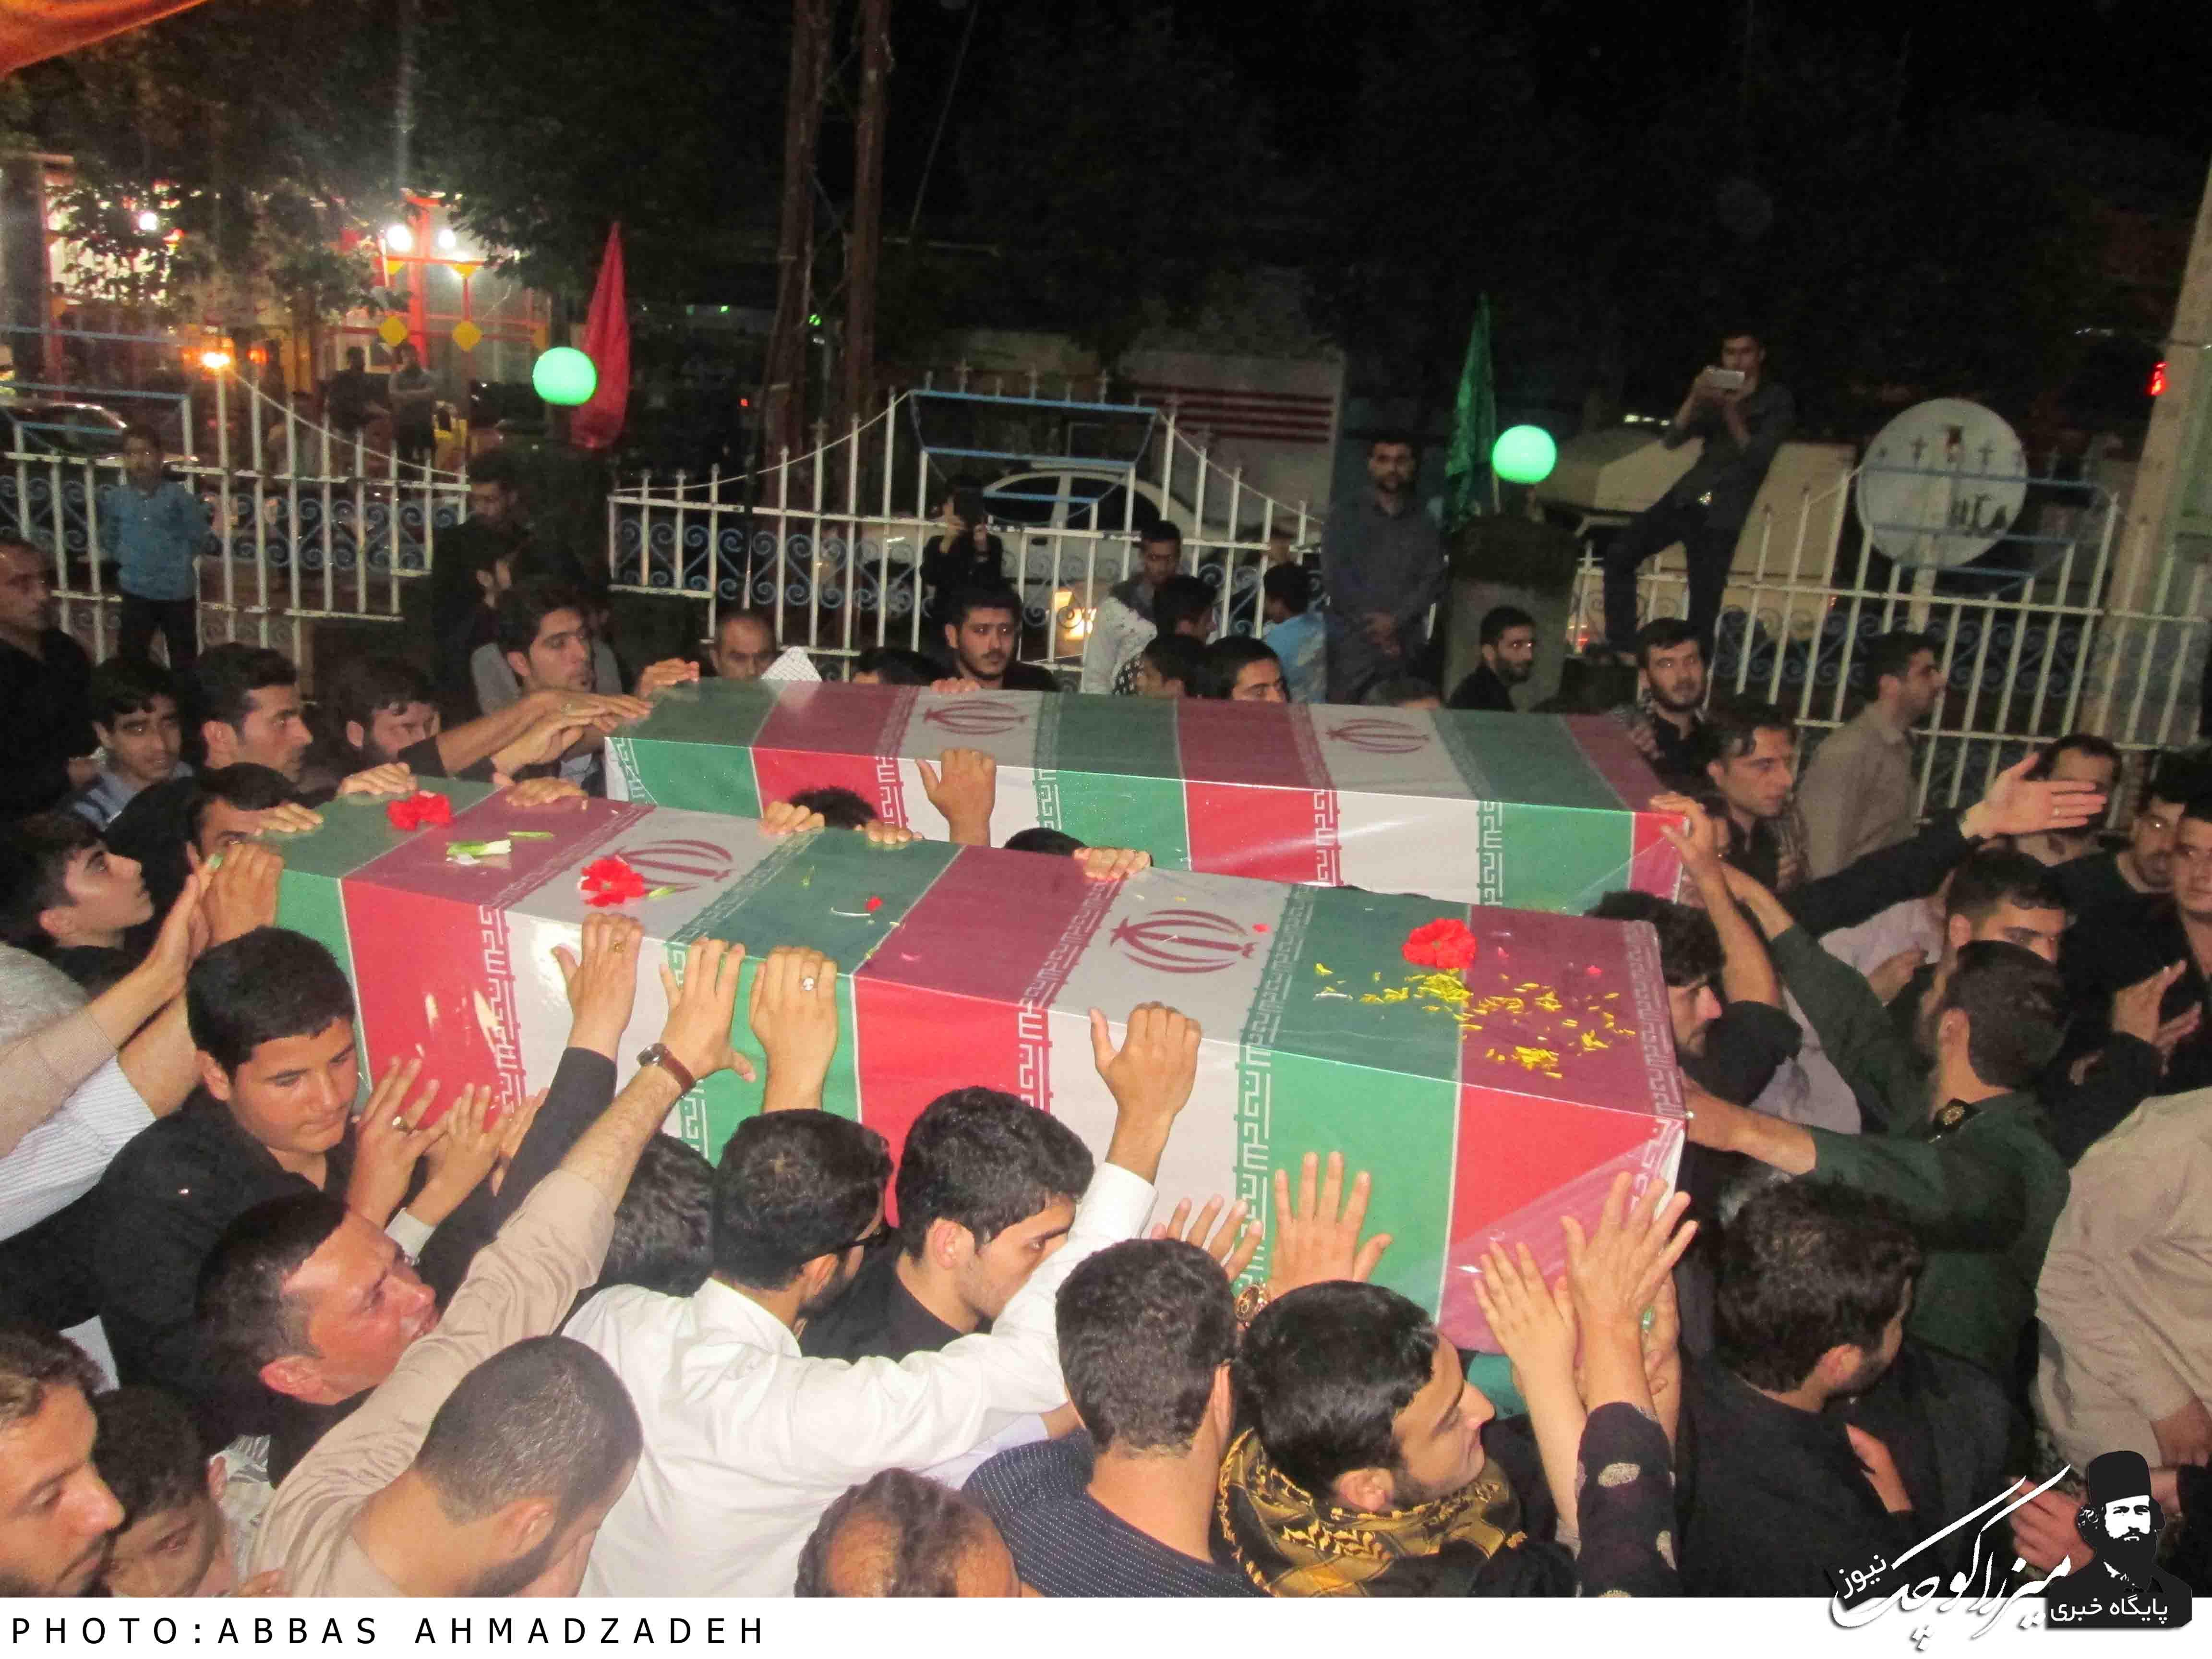 مراسم وداع با شهدای گمنام در گوراب زرمیخ برگزار شد